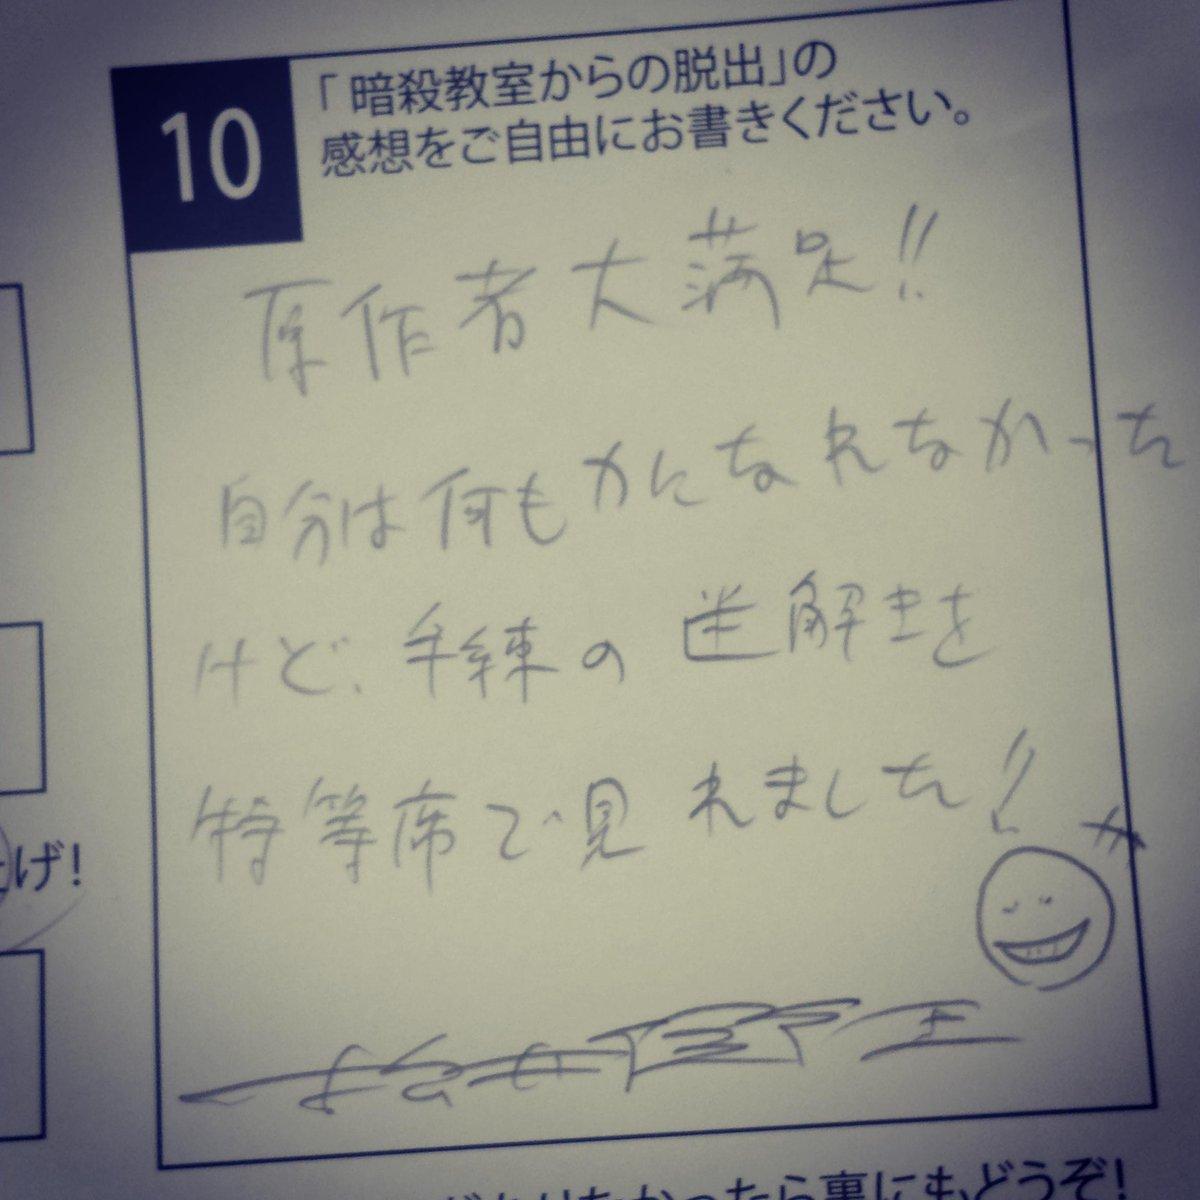 「暗殺教室からの脱出」に松井優征先生が遊びに来てくださいました。制作したゲームを作者さんにプレイしてもらうのは本当に緊張します。ゲーム終了後ドキドキしながら顔を見たら「素晴らしく面白かったです!!!」とのお言葉いただいて嬉しかった! http://t.co/1OOBfelKSg